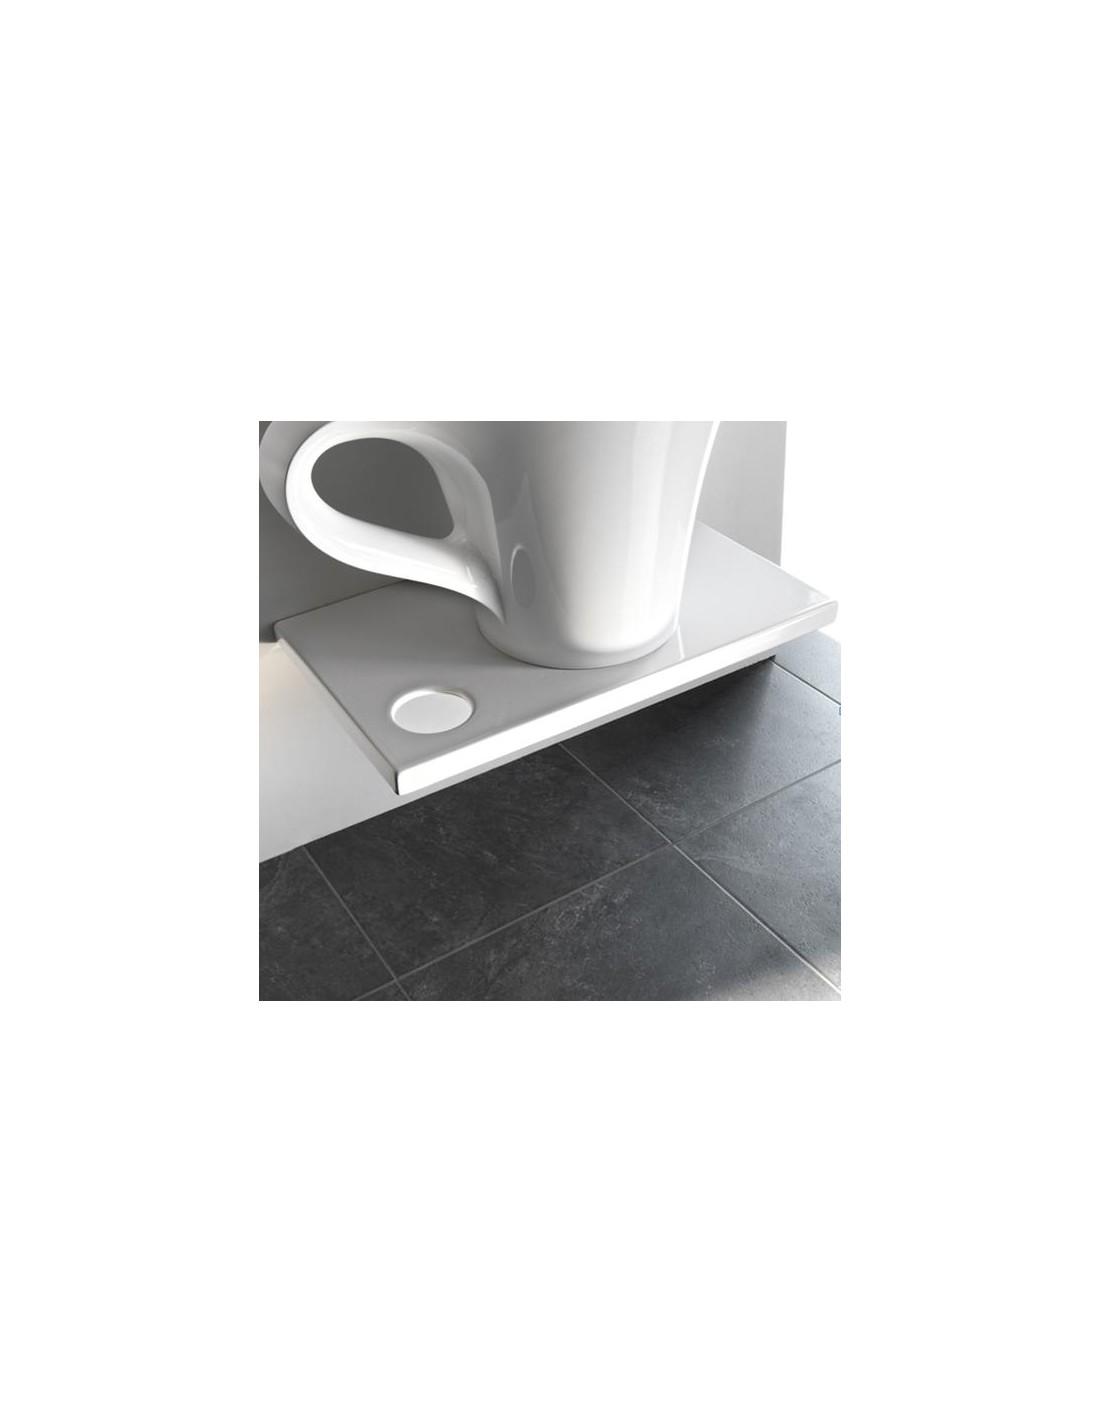 plan de toilette suspendu breakfast pour vasque cup. Black Bedroom Furniture Sets. Home Design Ideas